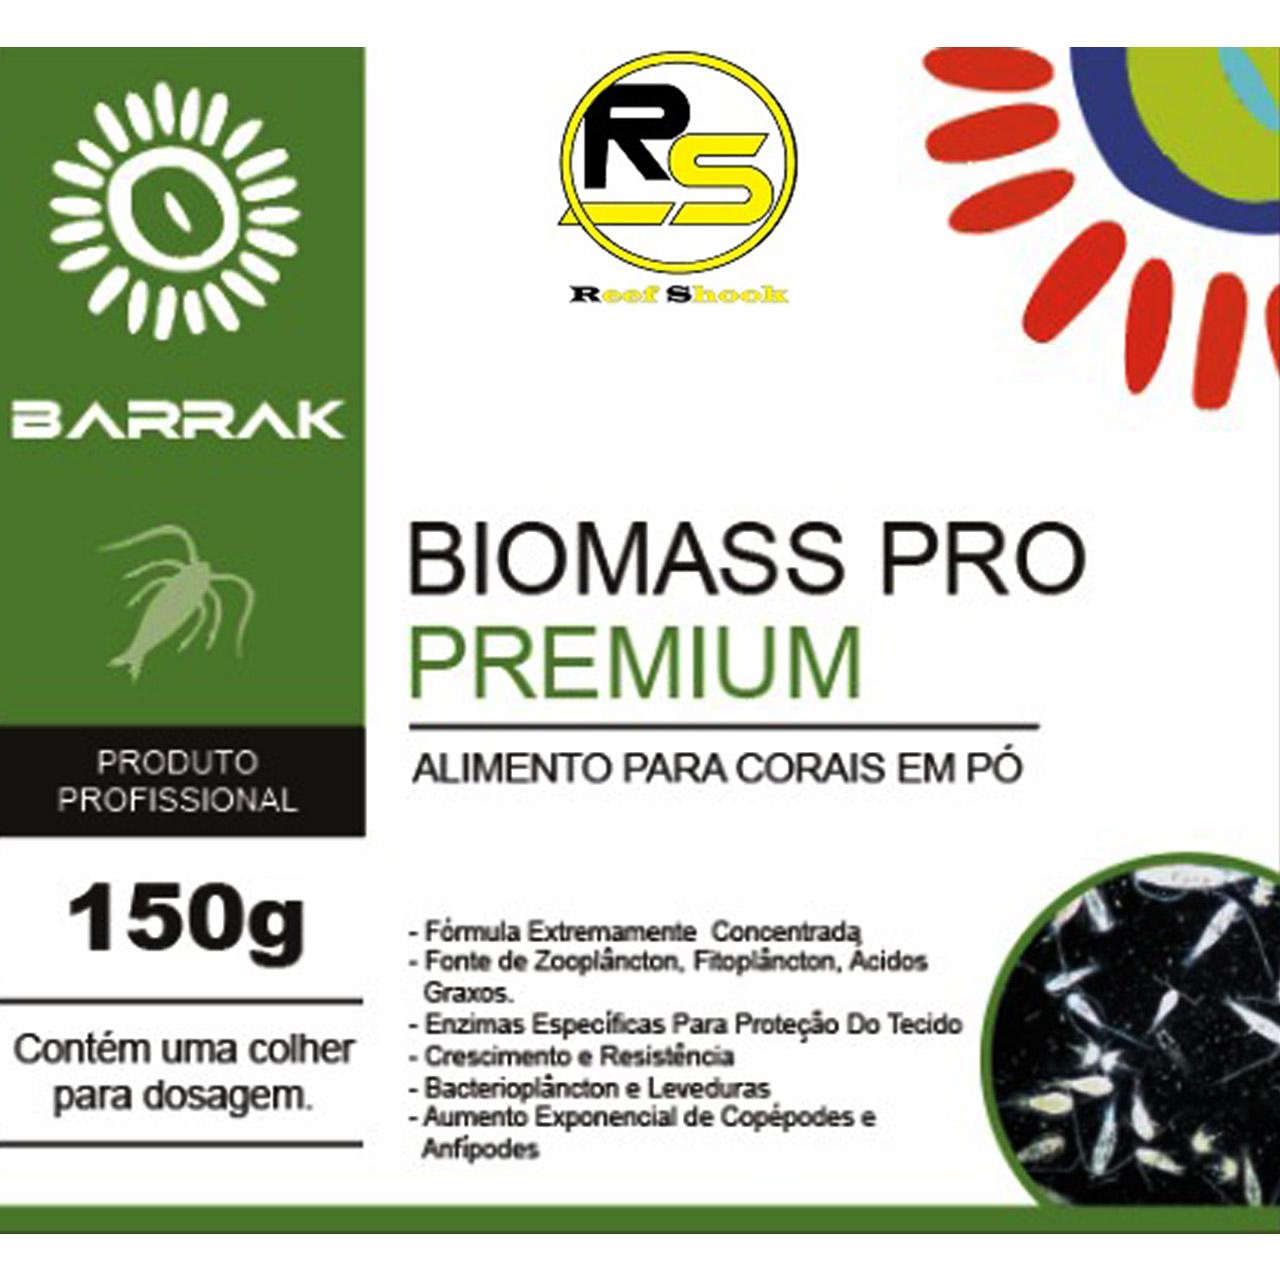 Biomass Pro Premium Barrak Alimento Para Corais em Po 150g